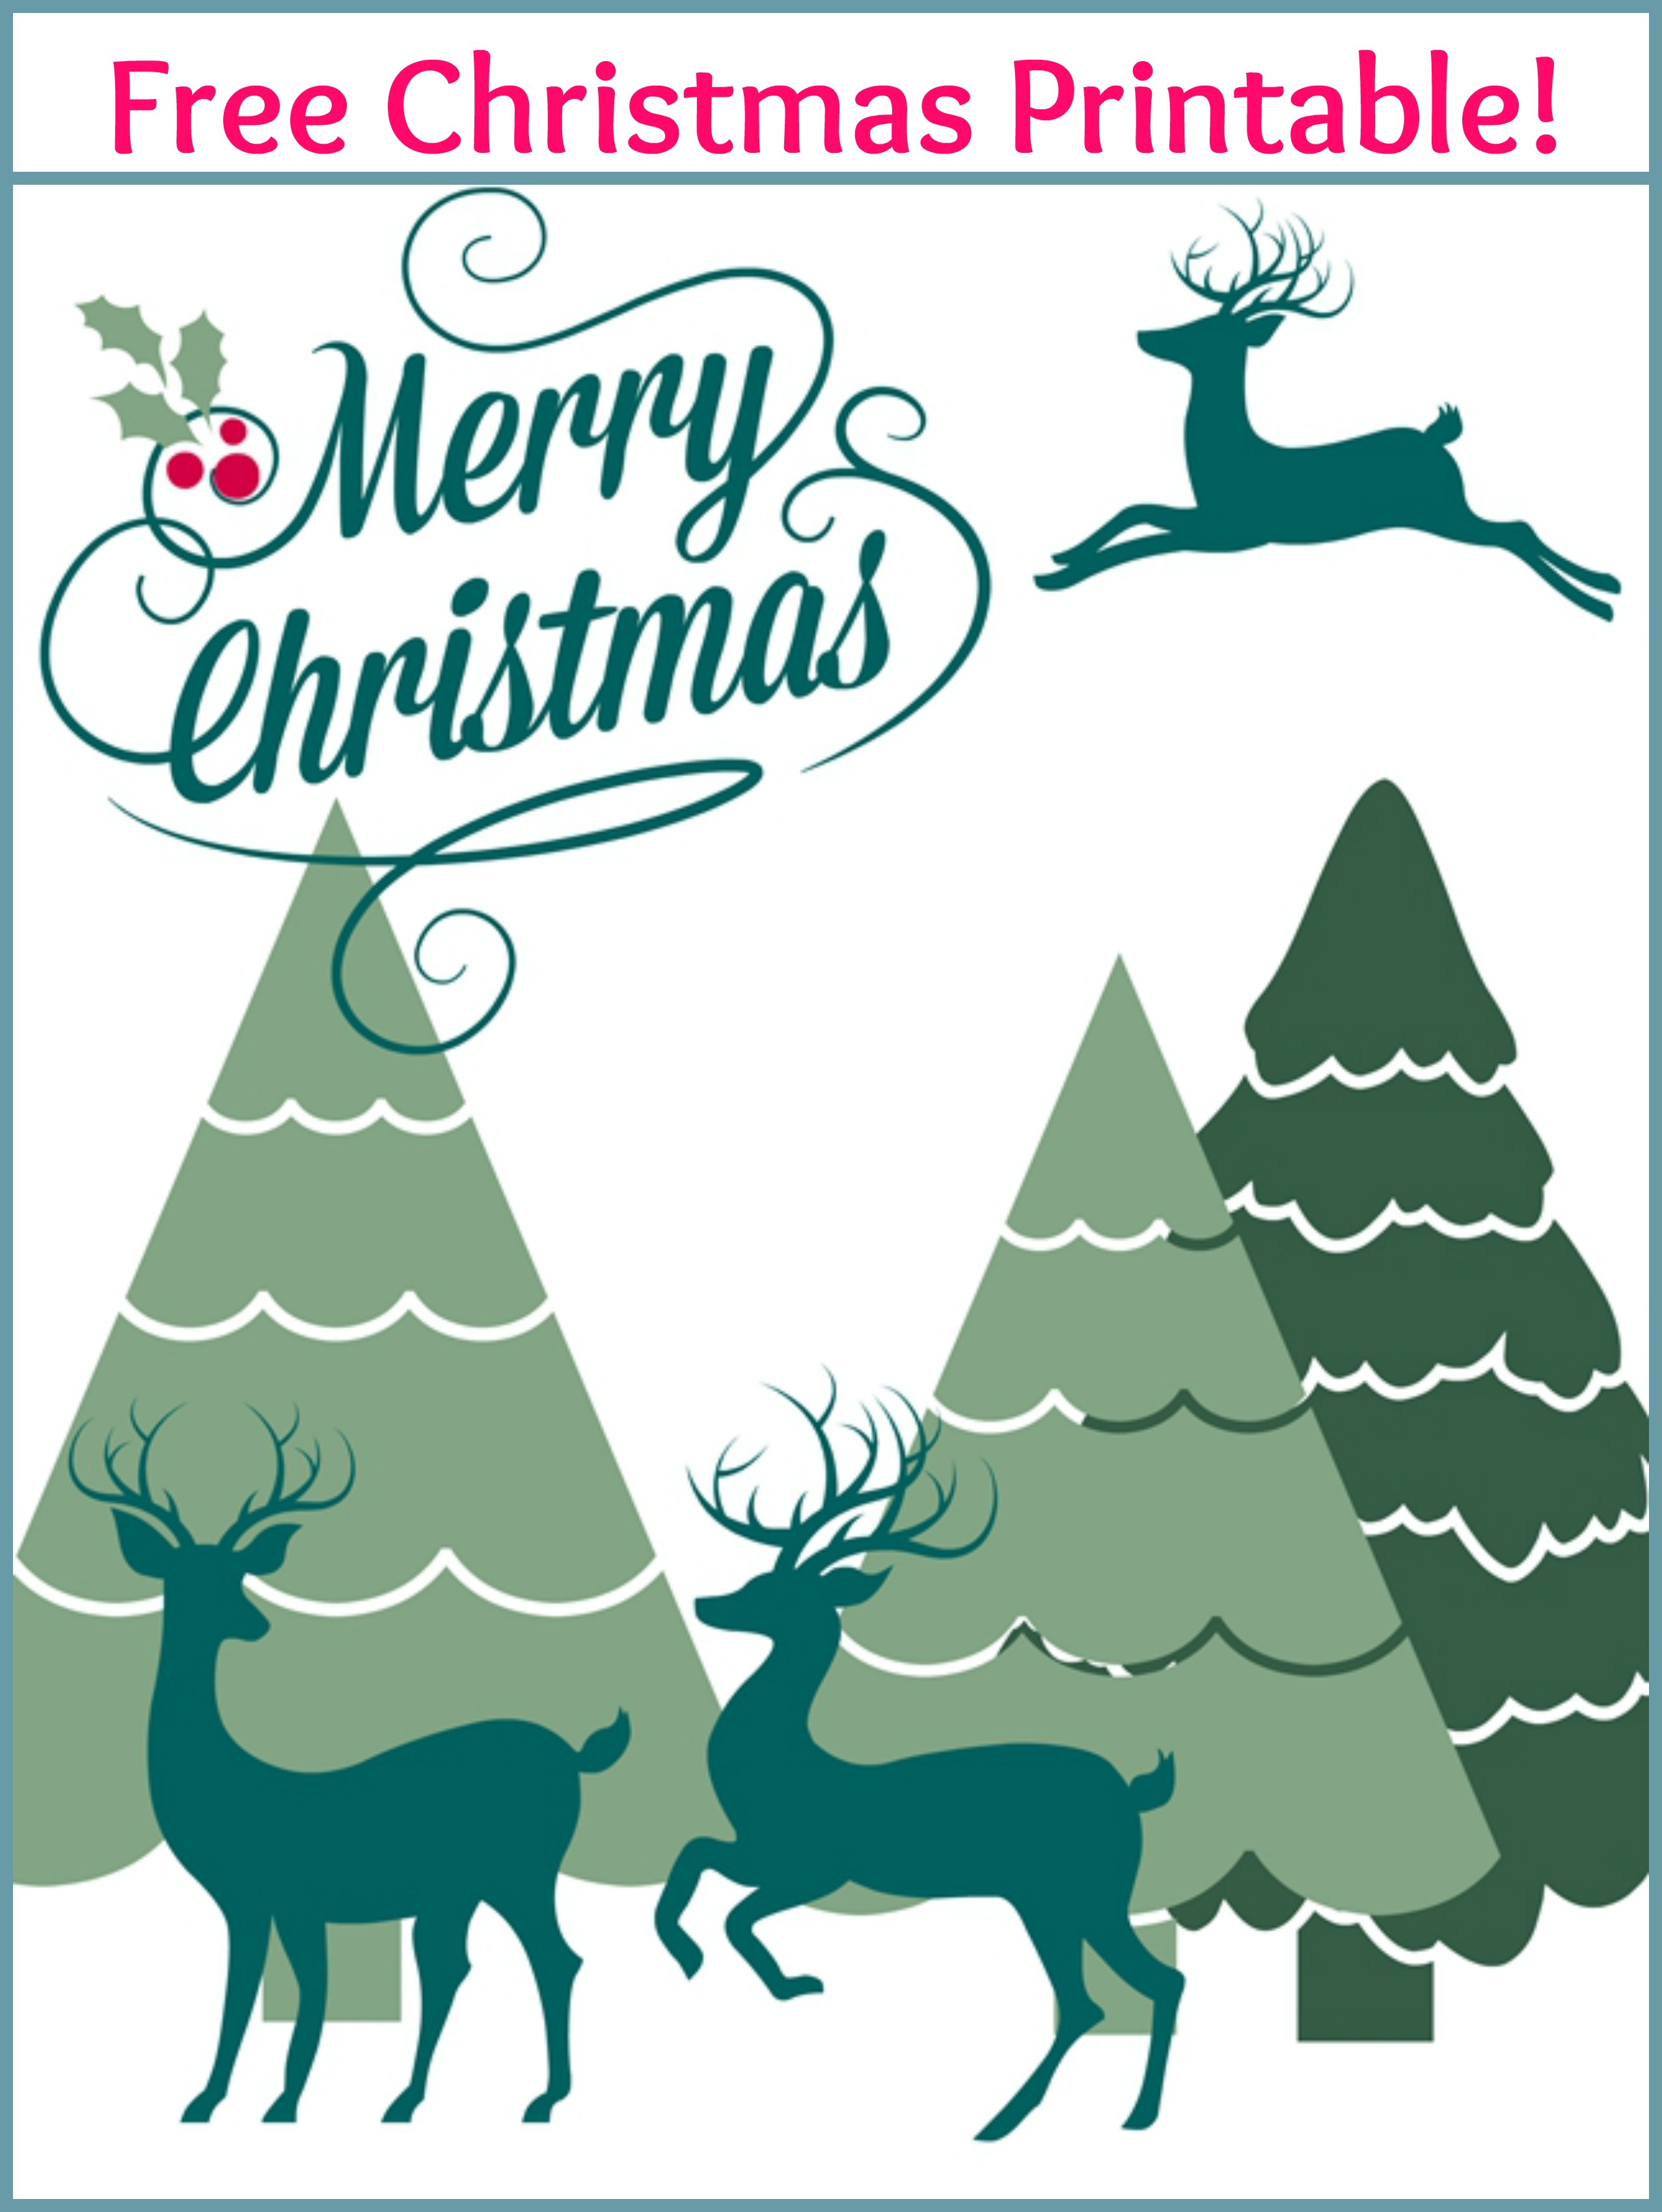 Merry Christmas Free Printable